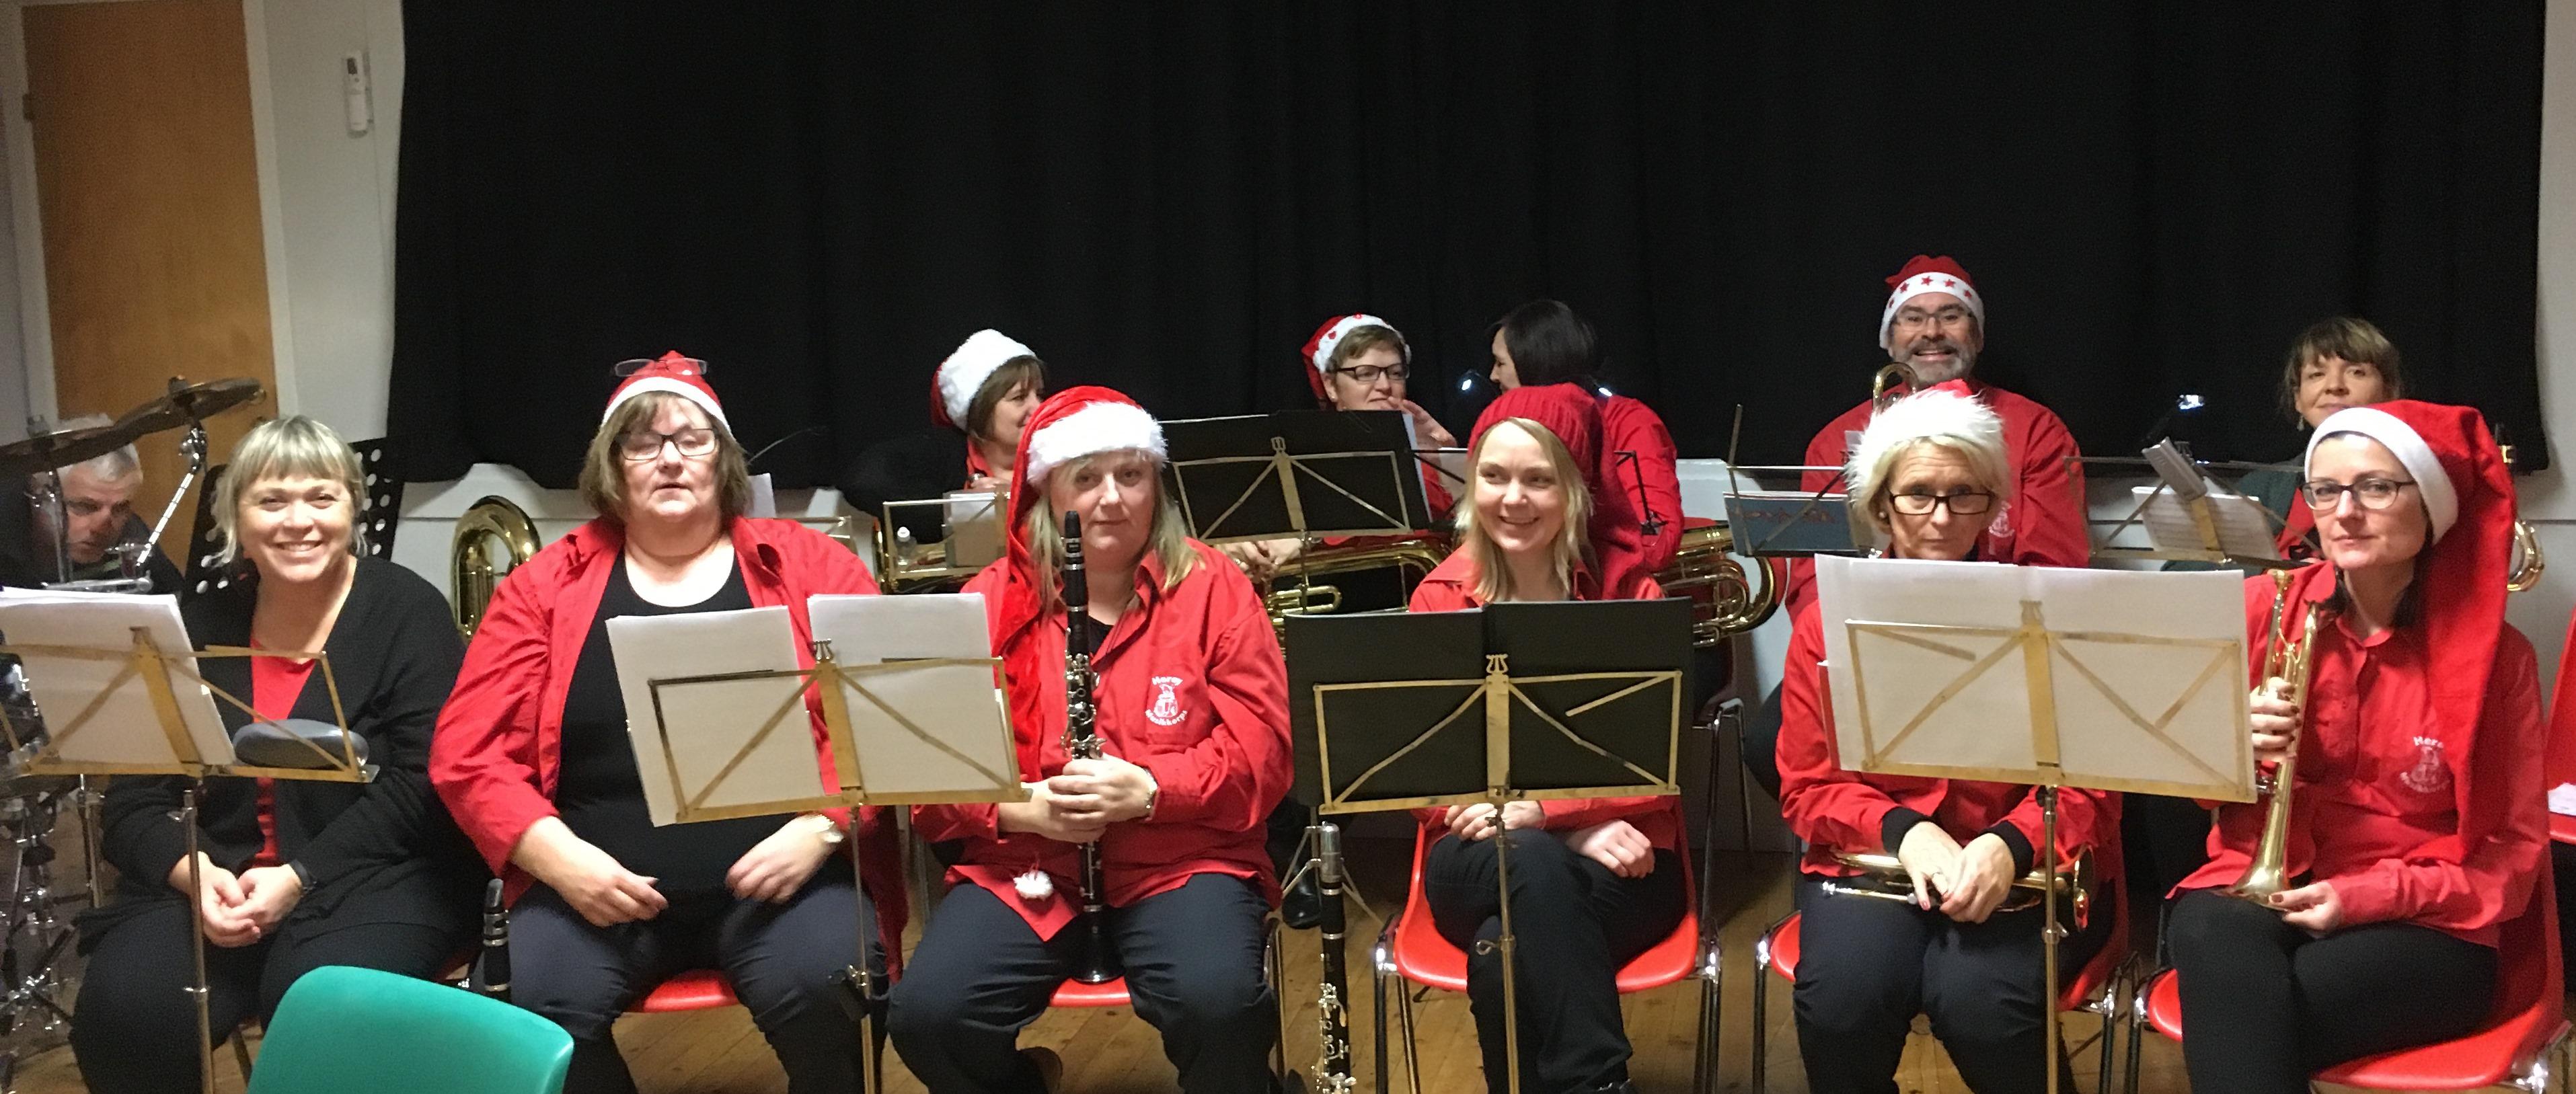 Julemesse i Brasøy_korps